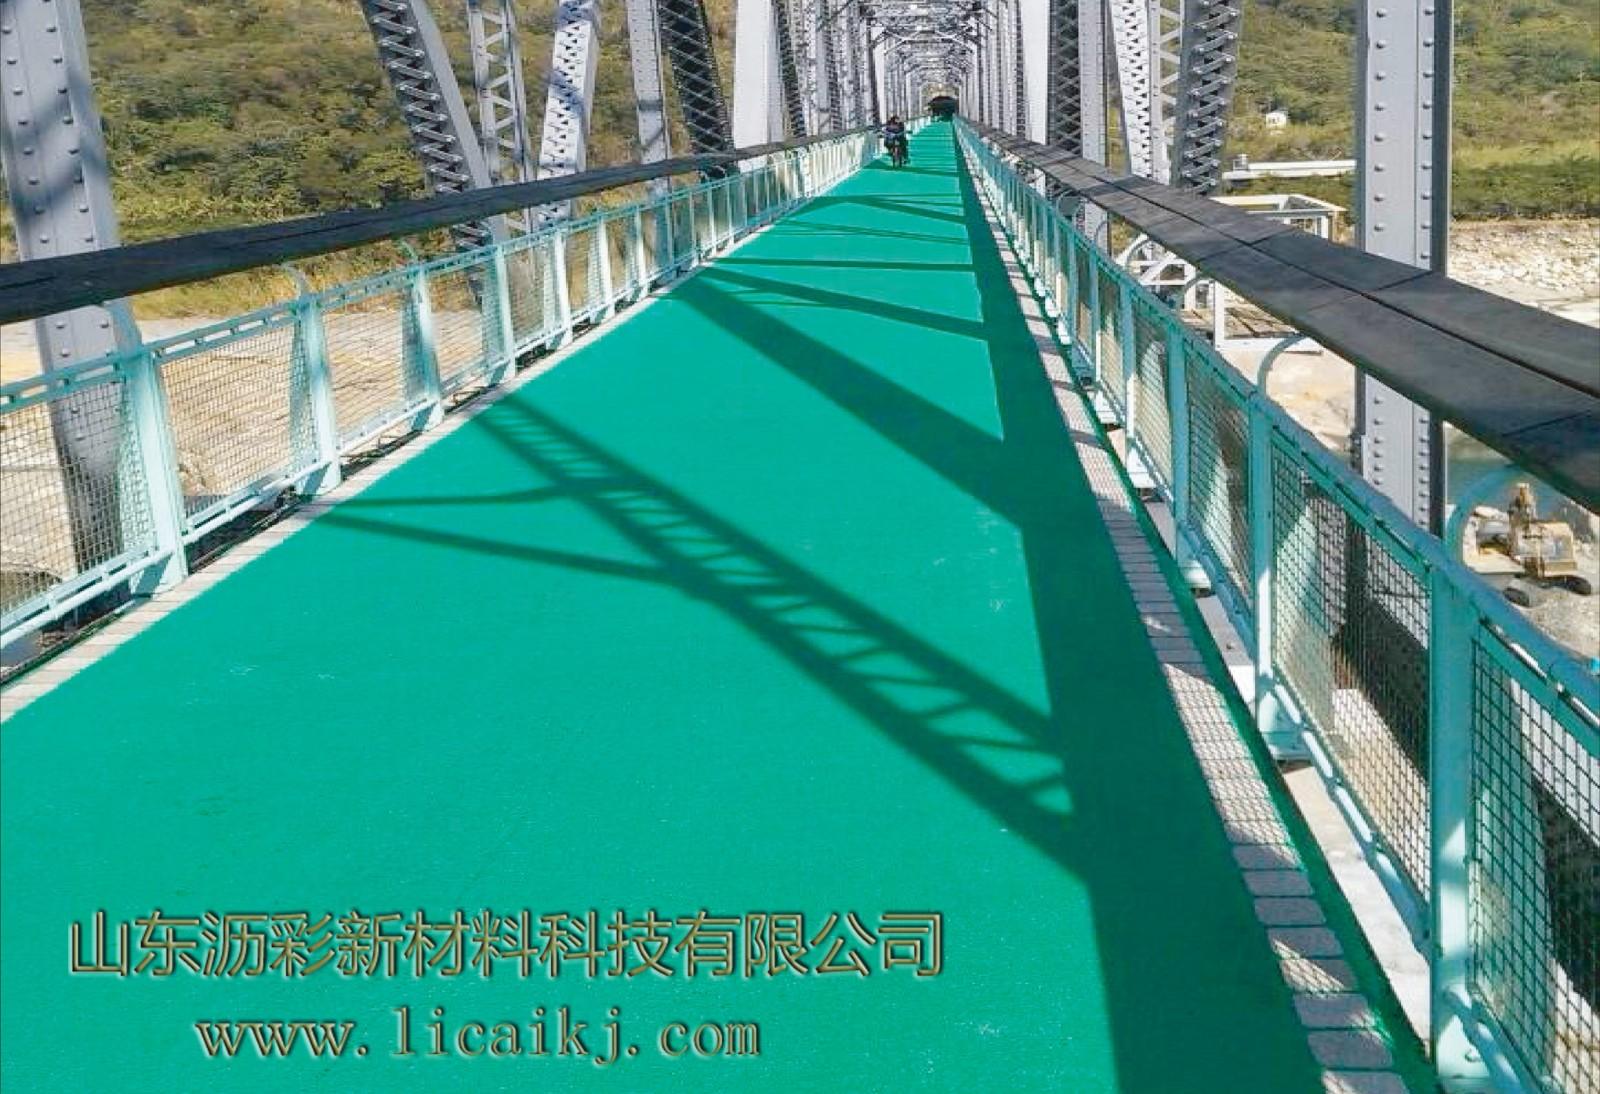 钢桥止滑.jpg